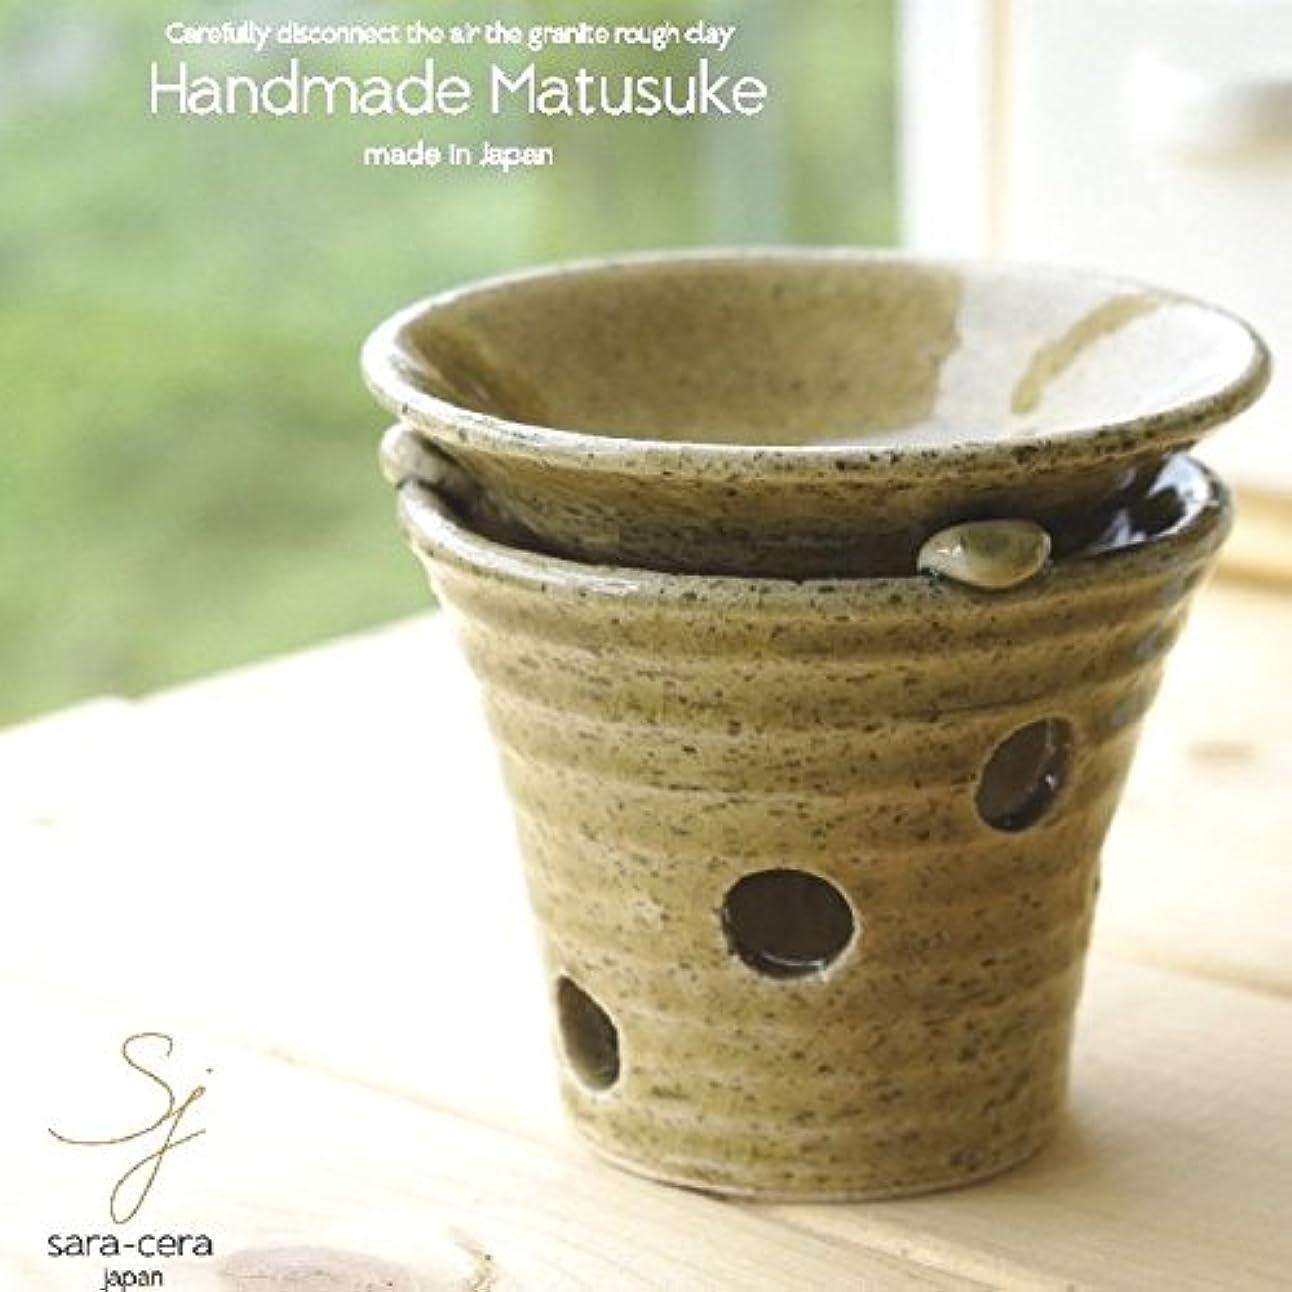 類推変数鬼ごっこ松助窯 手作り茶香炉セット 灰釉ビードロ アロマ 和風 陶器 手づくり 日本製 美濃焼